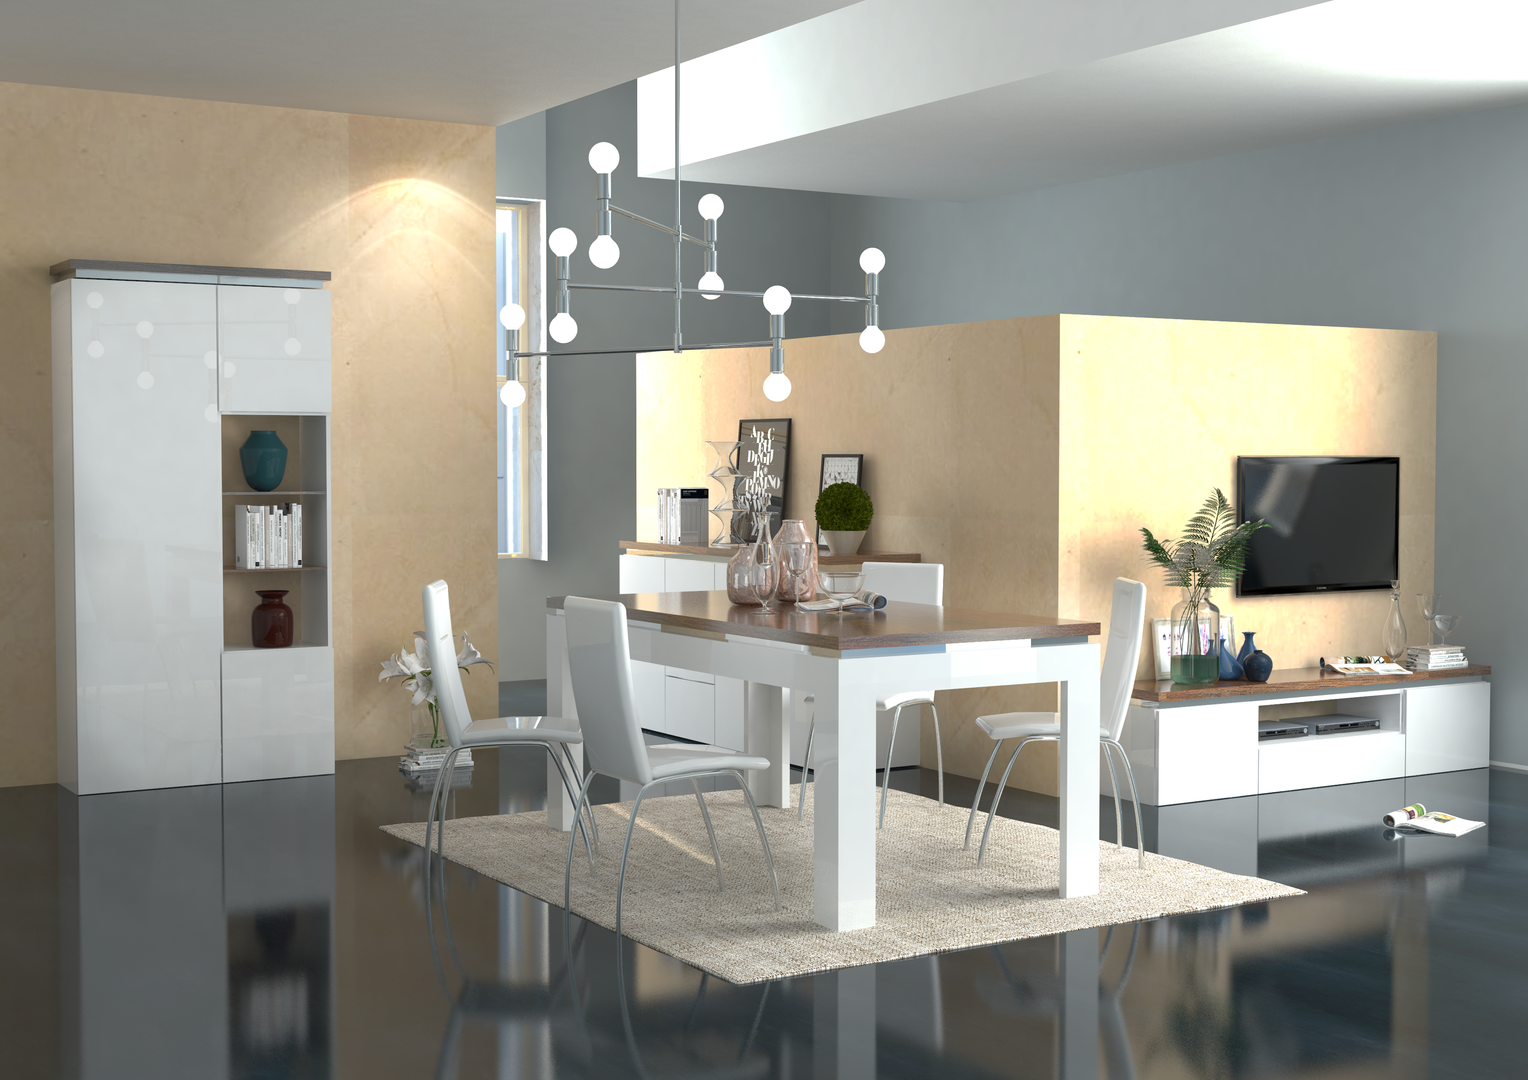 Mobile porta tv bianco messico per soggiorno moderno elegante for Mobile soggiorno bianco